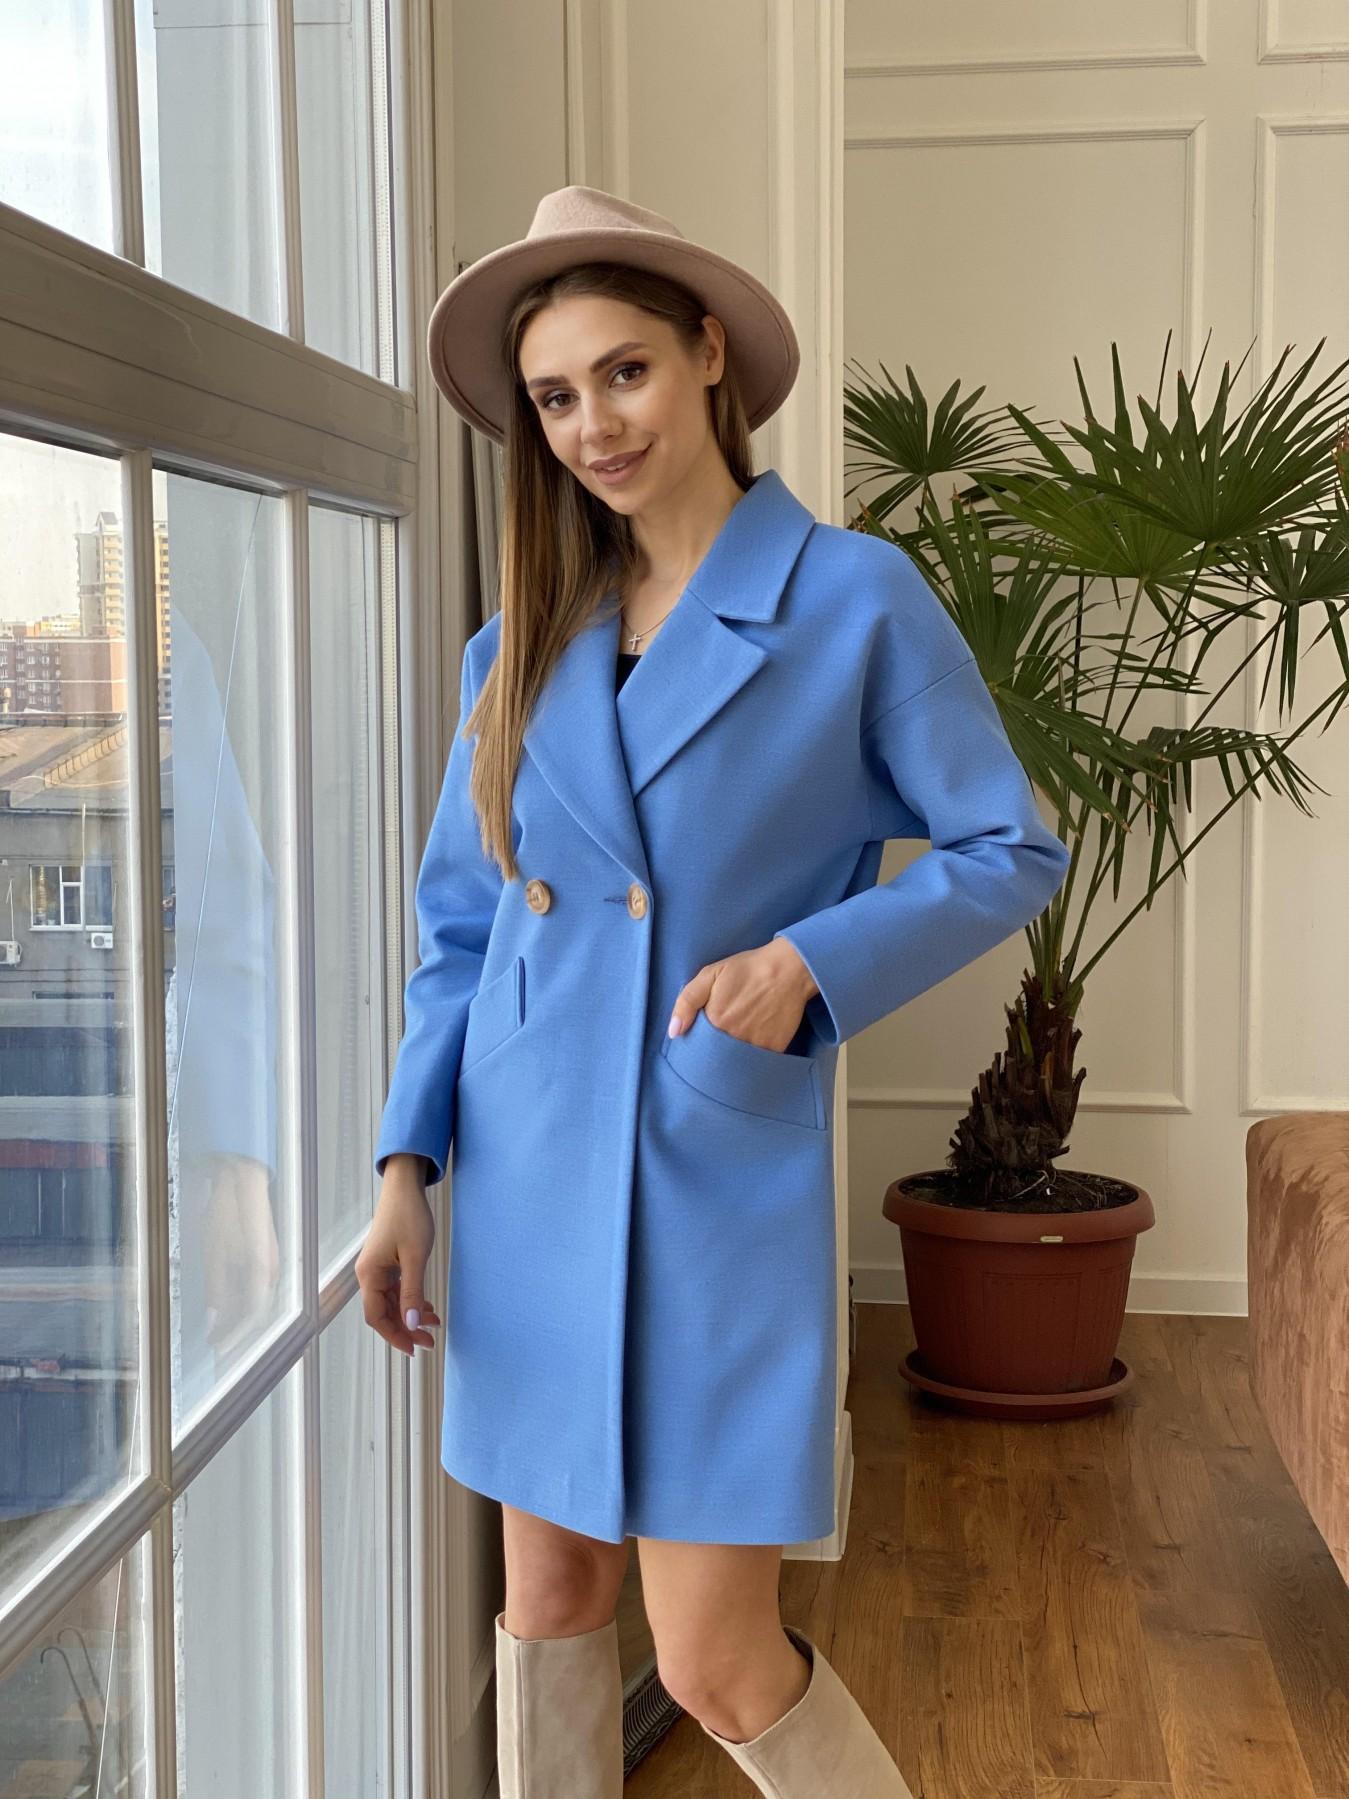 Сенсей пальто из кашемира 10572 АРТ. 47572 Цвет: Голубой - фото 8, интернет магазин tm-modus.ru